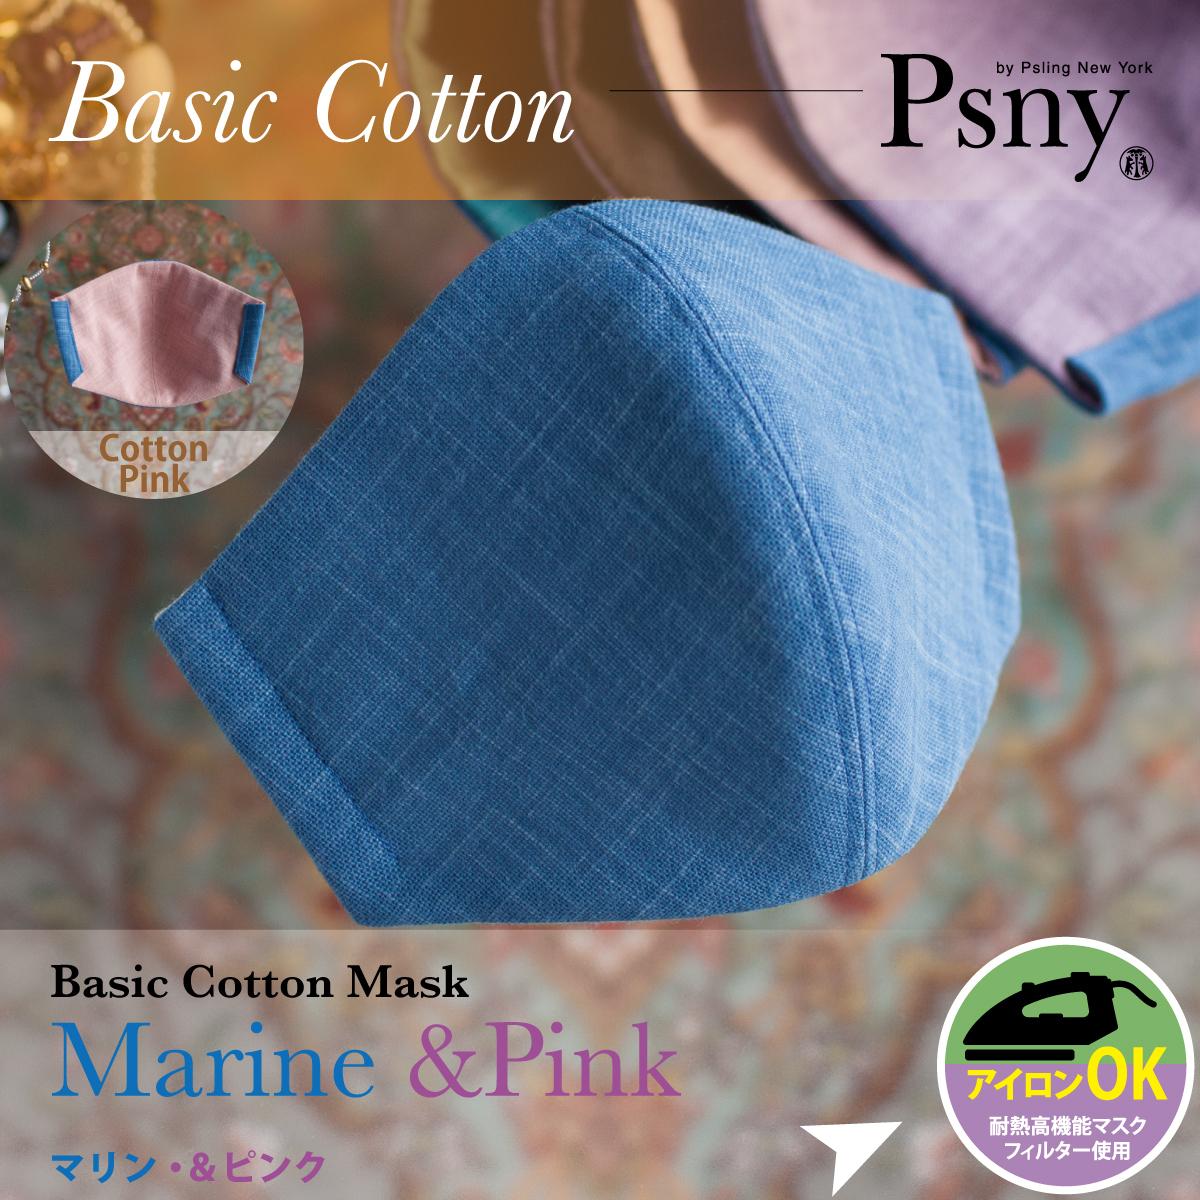 PSNY ベーシック コットン・マリン&ピンク 花粉 黄砂 洗える不織布フィルター入り 立体 大人用 CC5 マスク 送料無料 CC2